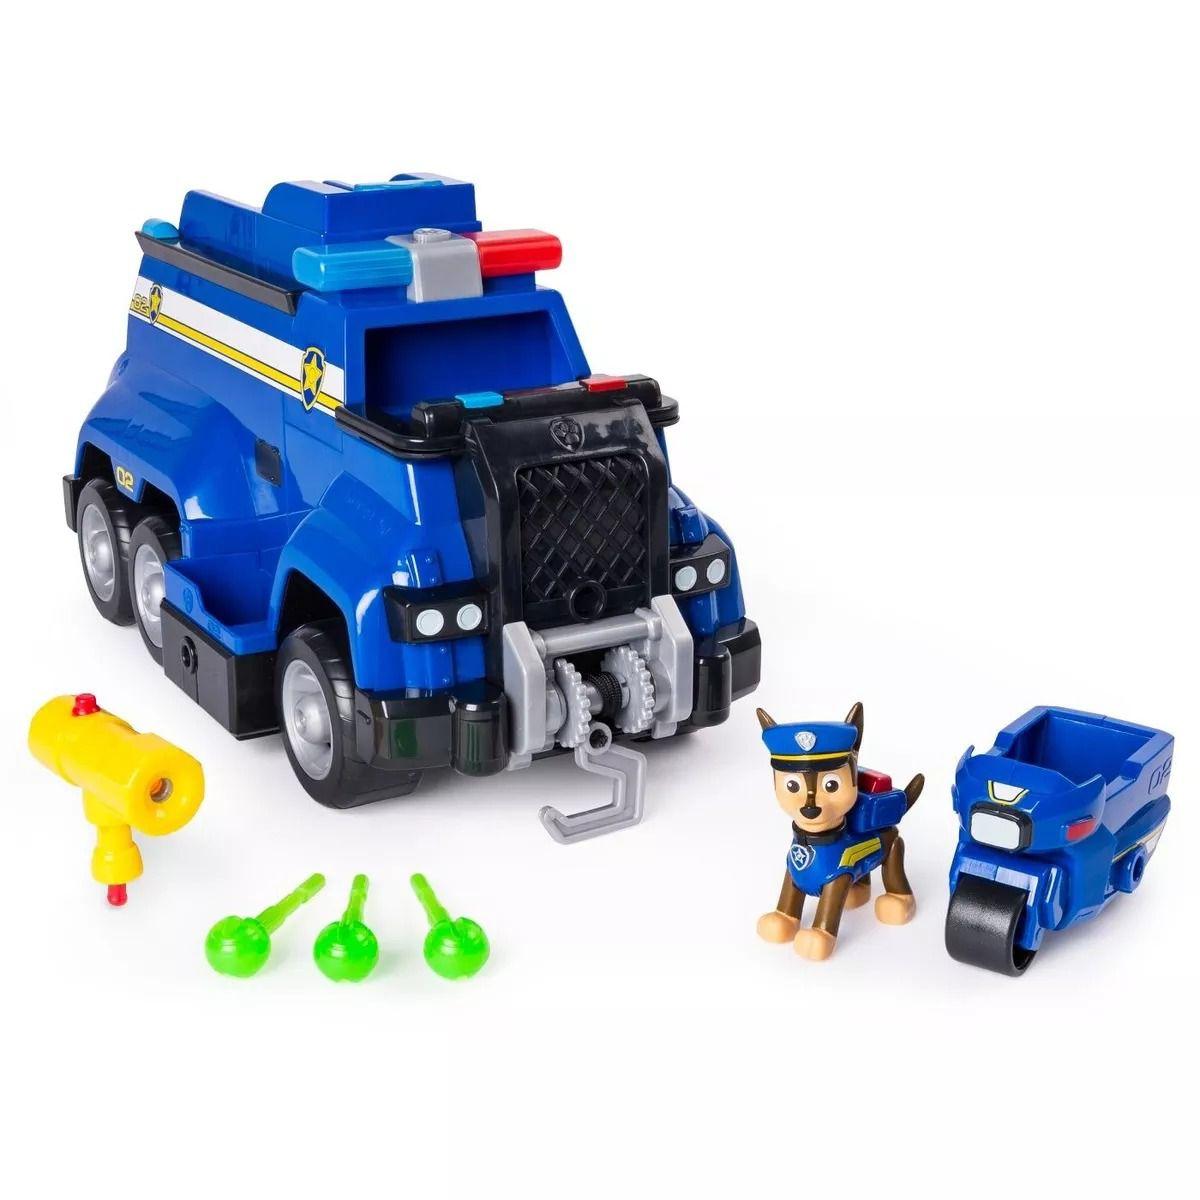 Patrulha Canina Carro de Polícia Resgate Extremo Chase 32 cm Com som e luz - Sunny  - Doce Diversão